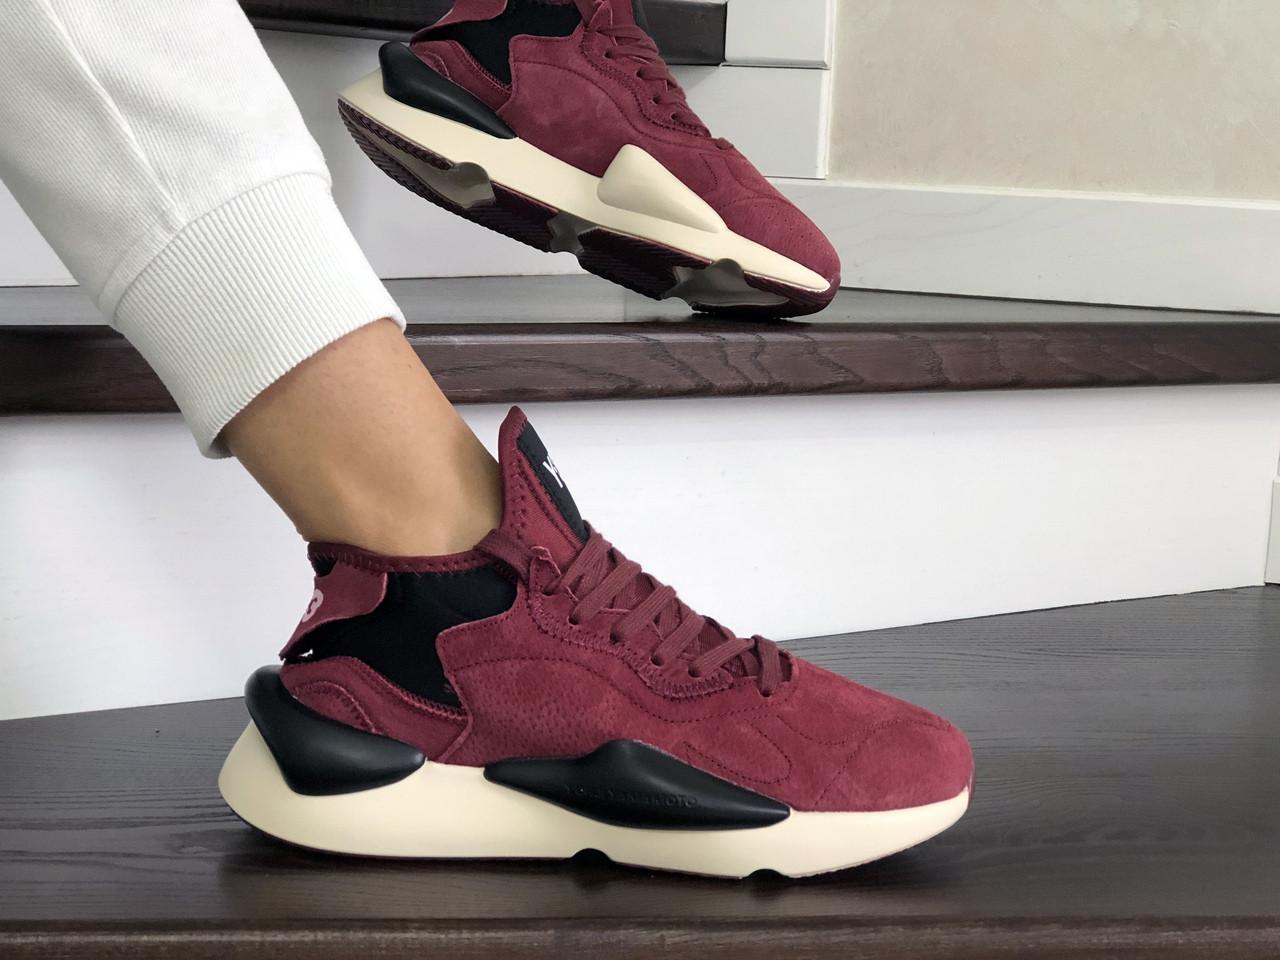 Женские кроссовки Adidas Y-3 Kaiwa (бордовые)